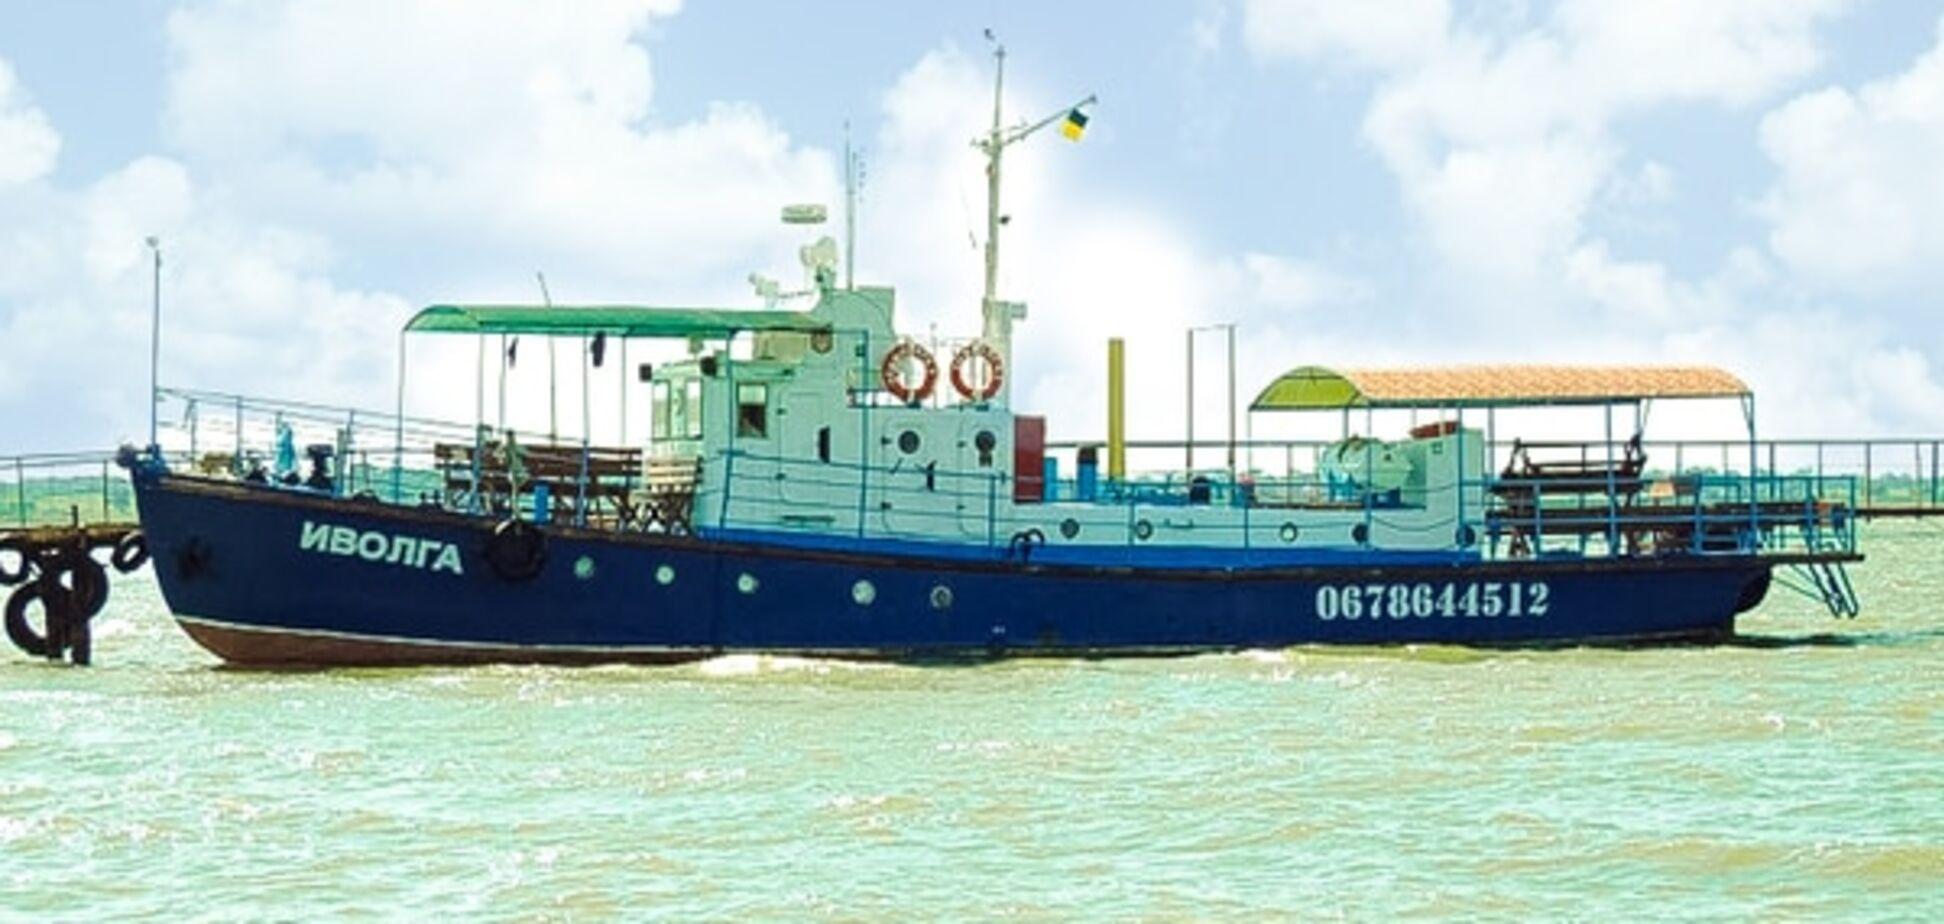 Загрожує 10 років: затримано капітана затонулого в Затоці судна